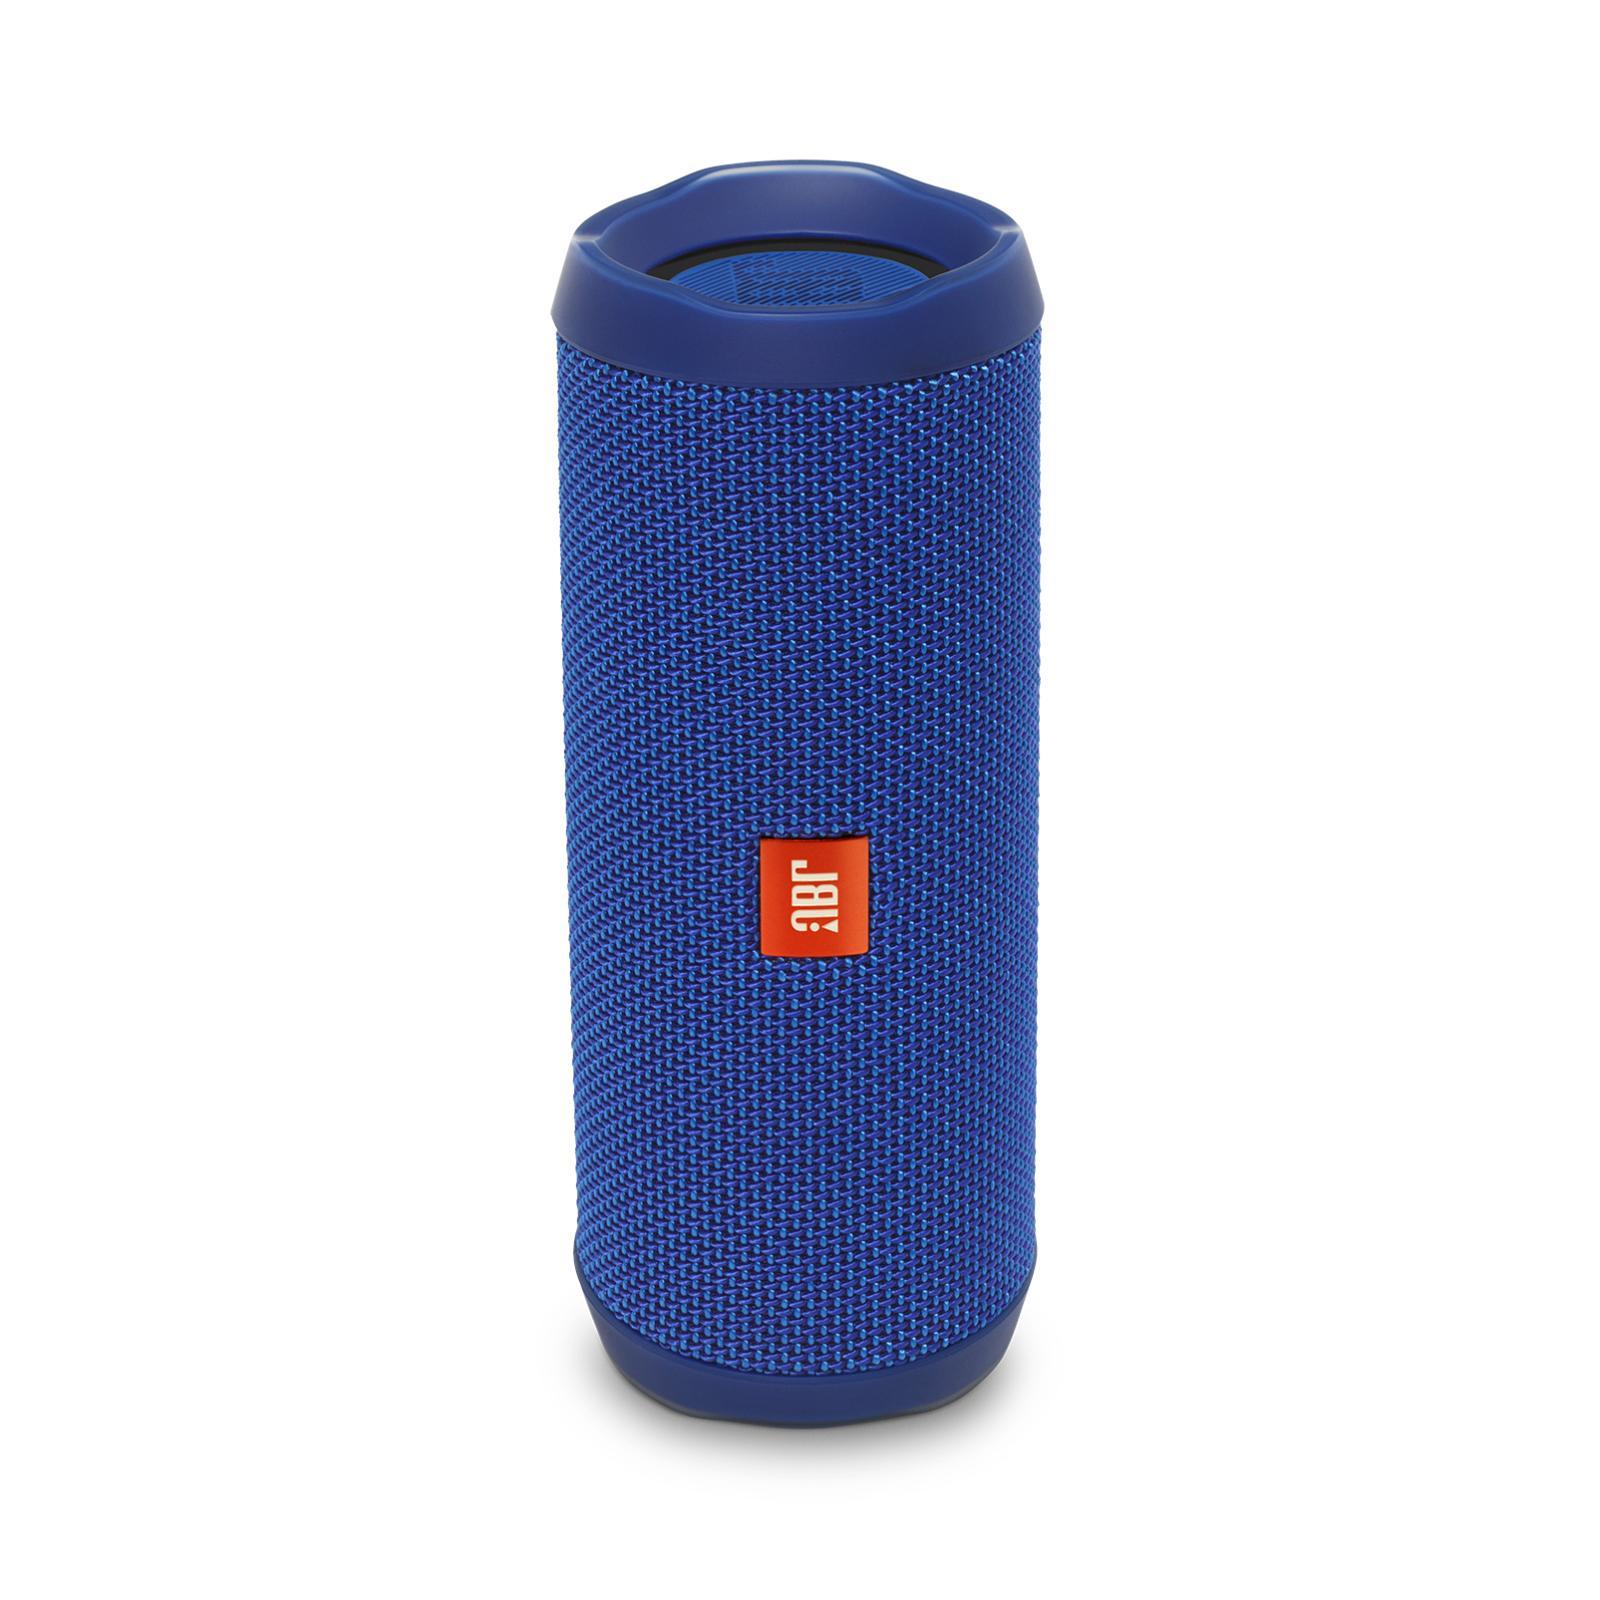 flip 4 waterproof portable wireless bluetooth speaker